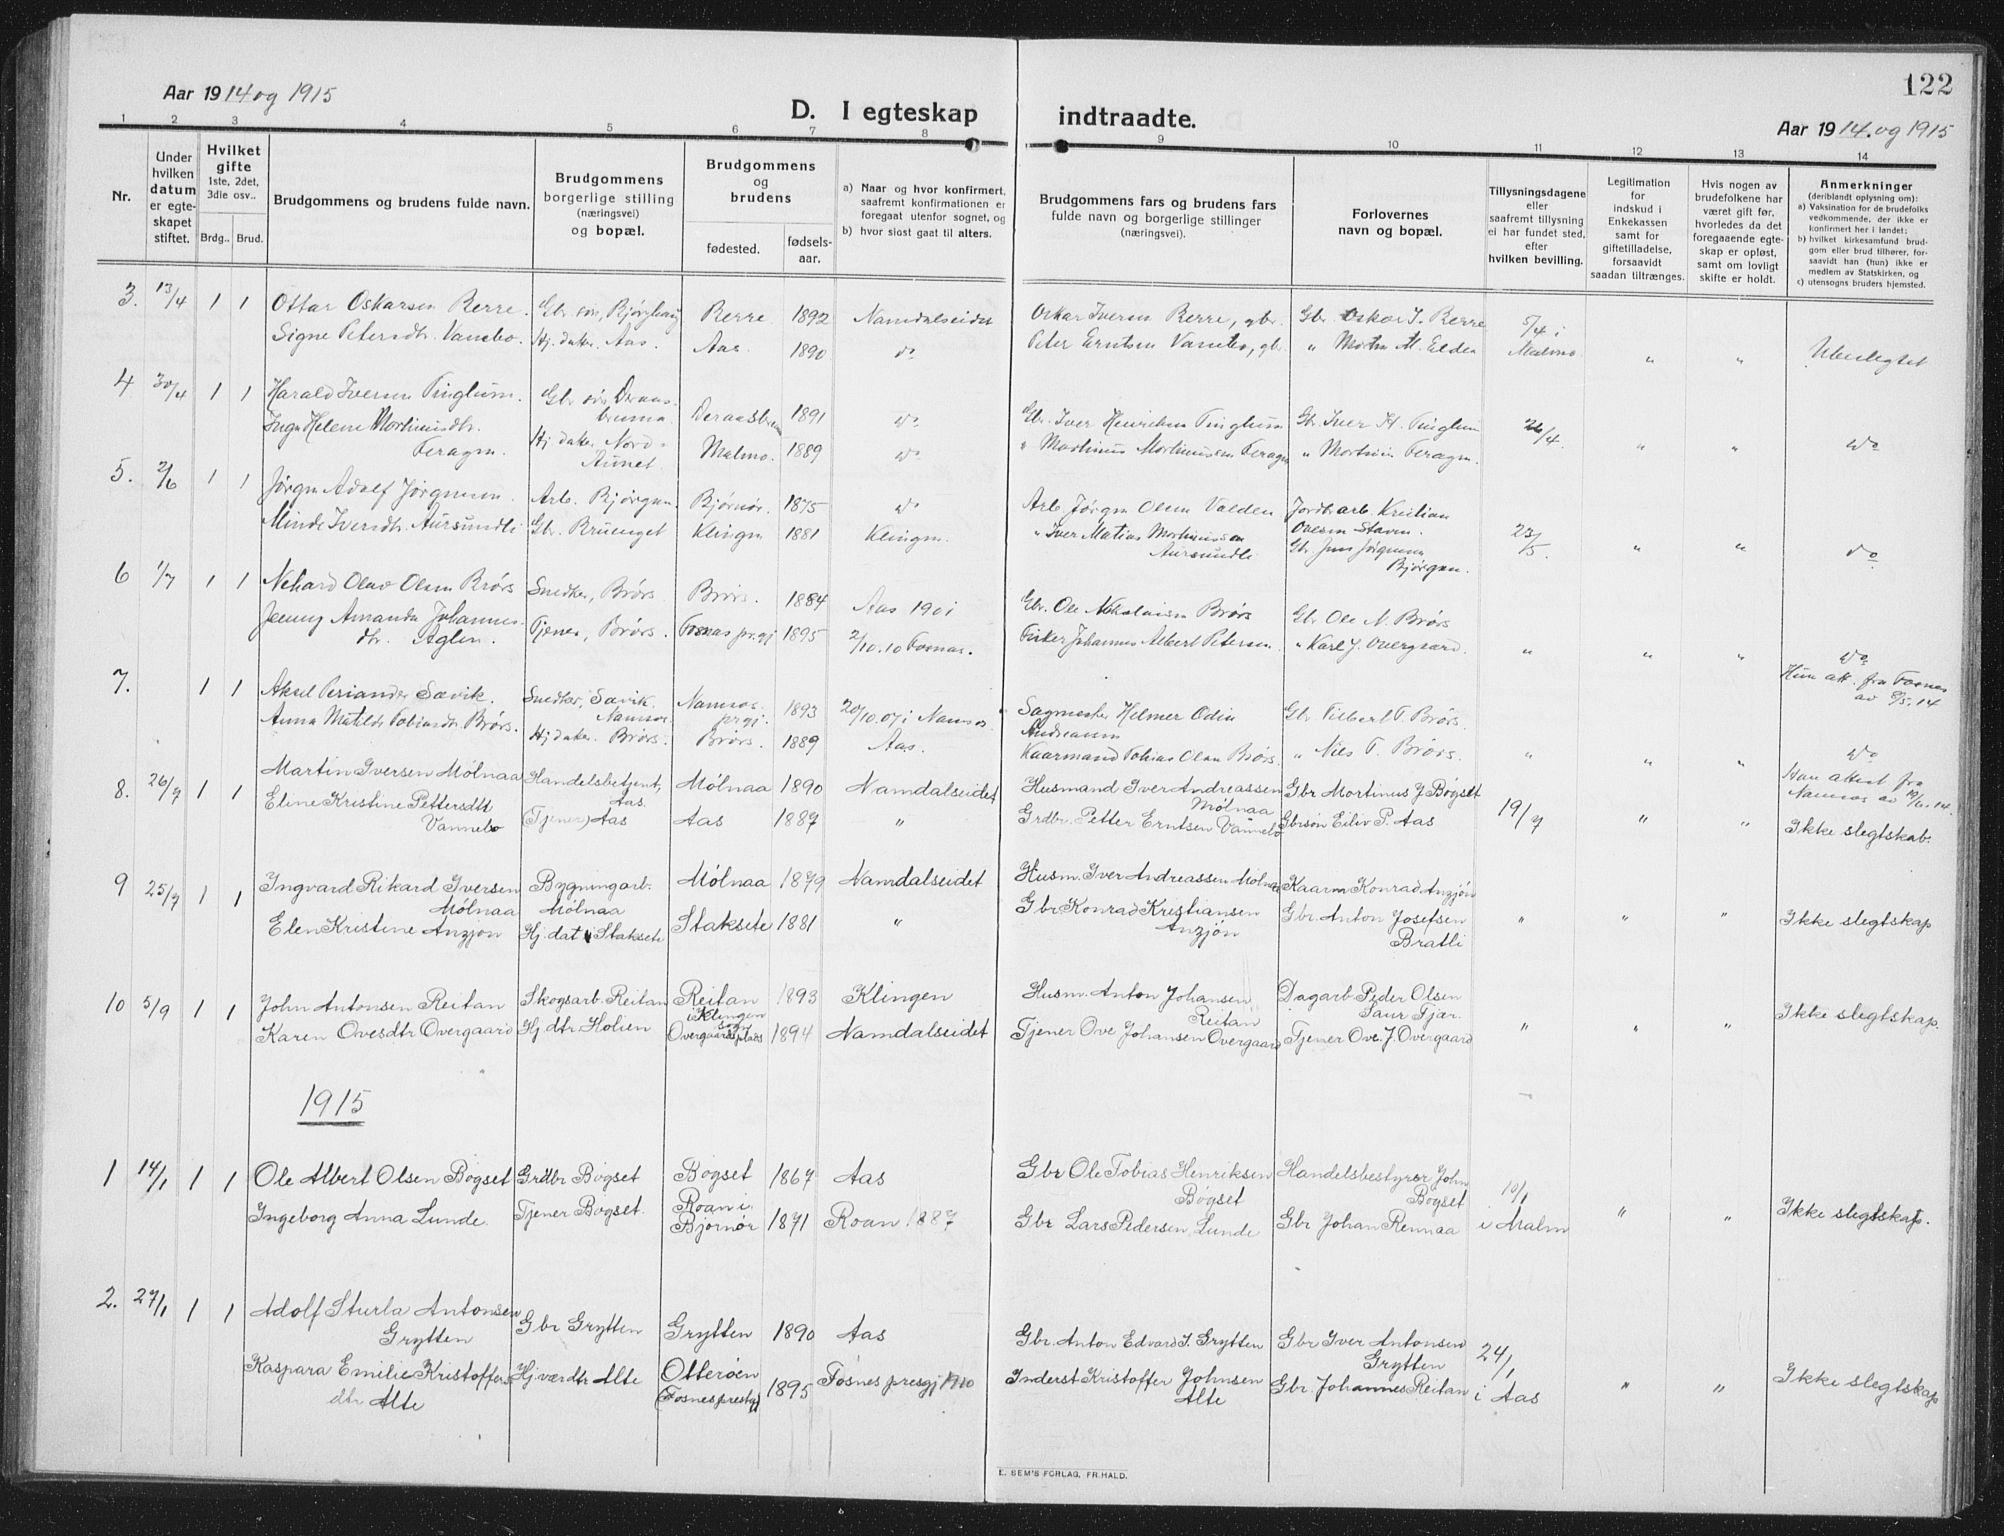 SAT, Ministerialprotokoller, klokkerbøker og fødselsregistre - Nord-Trøndelag, 742/L0413: Klokkerbok nr. 742C04, 1911-1938, s. 122